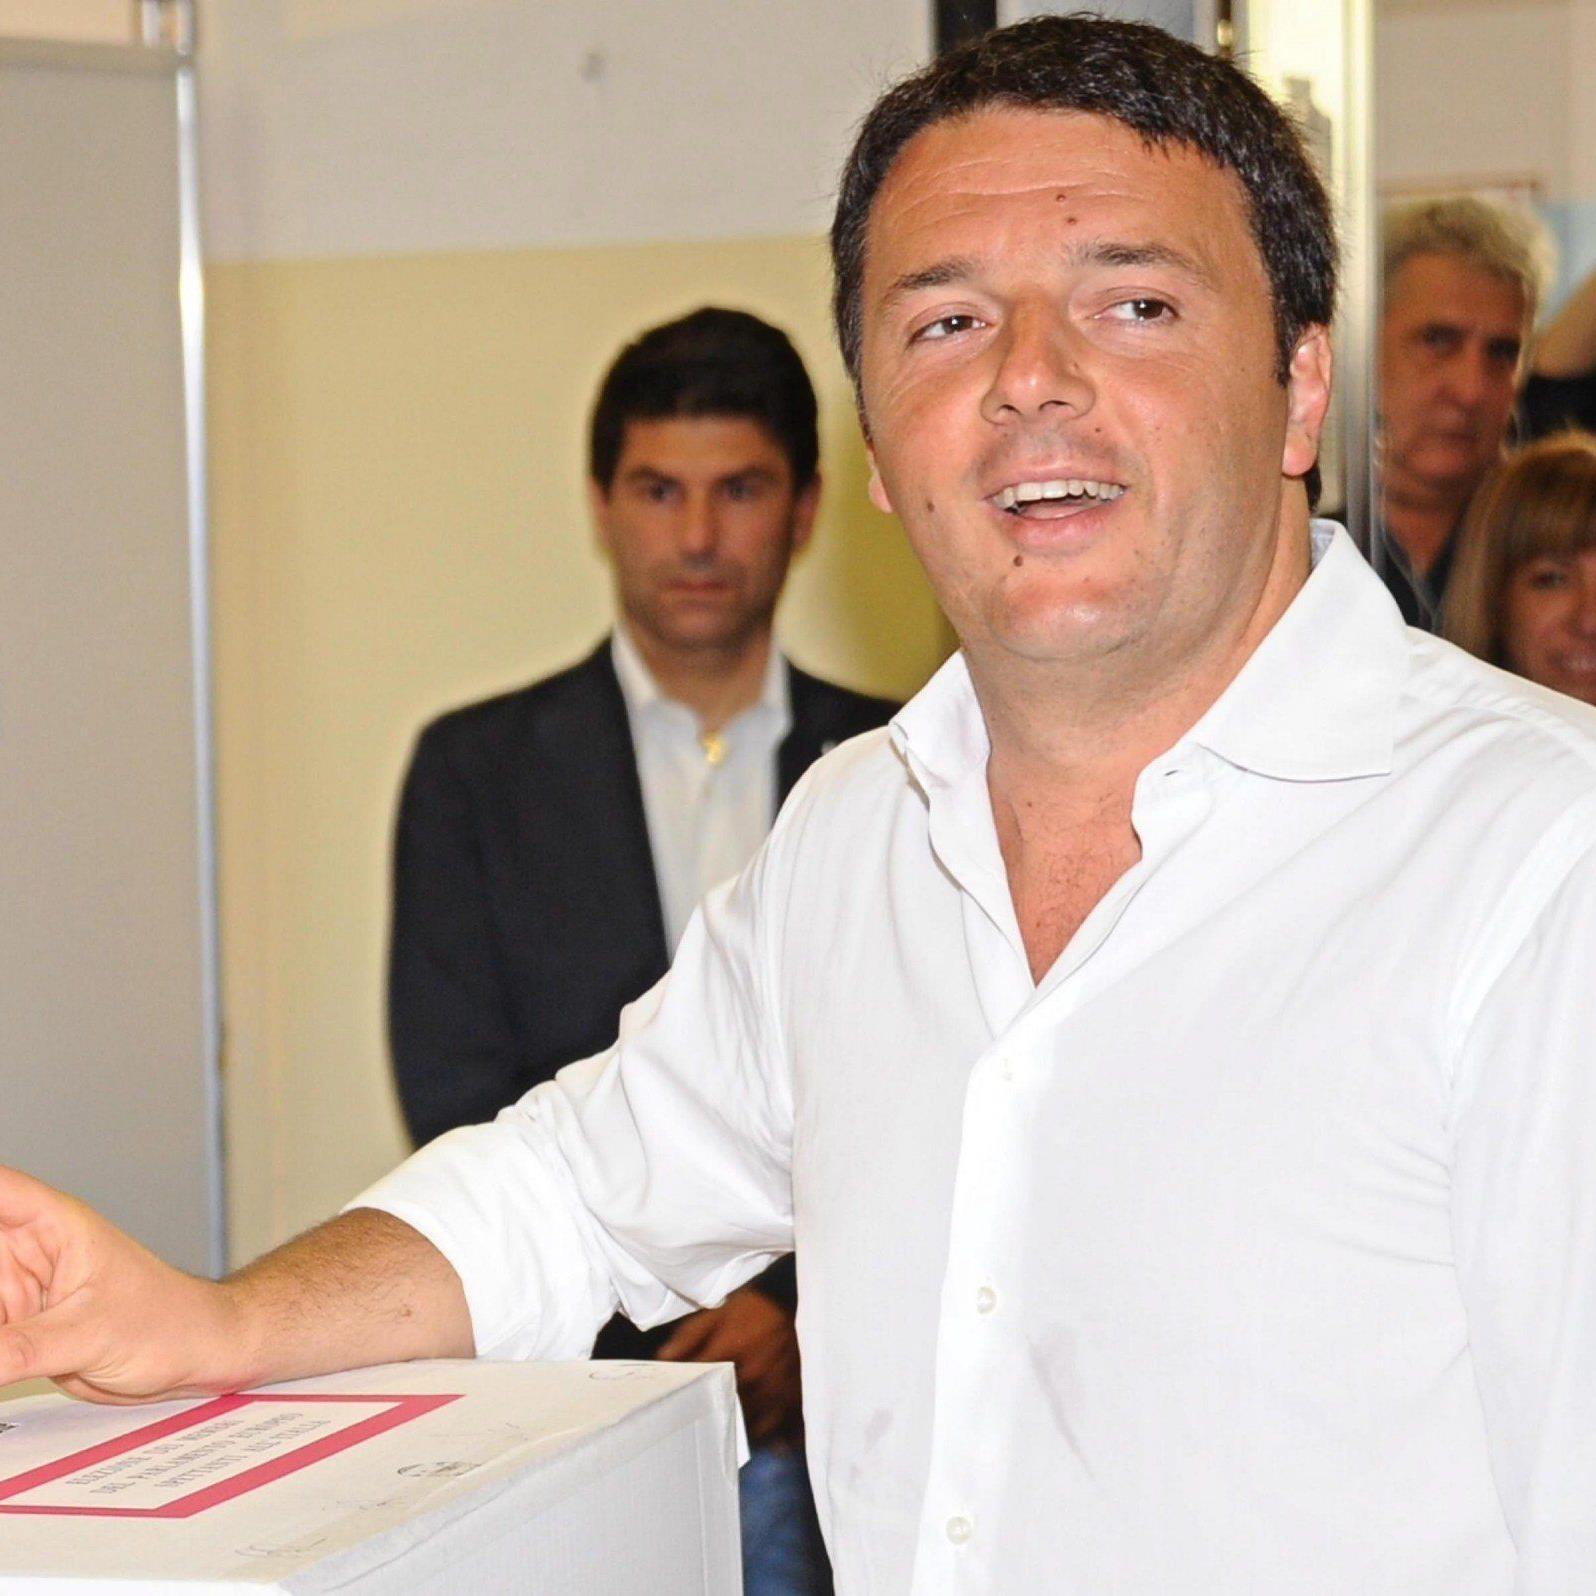 Die Europawahl galt in Italien als erster großer Test für Renzi rund 80 Tage nach seinem Amtsantritt.